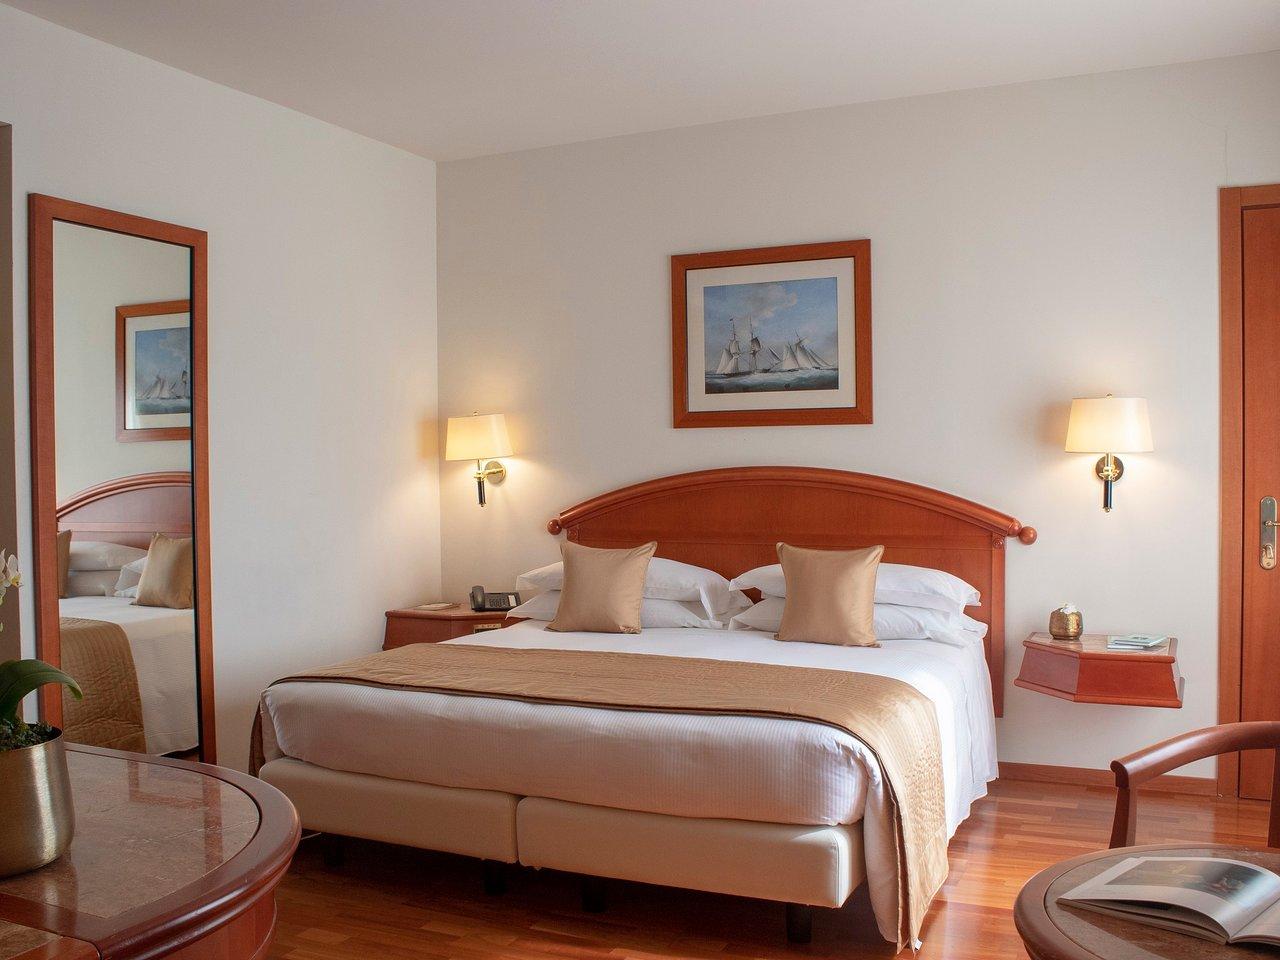 هتل استار هتلز توسکانی فلورانس